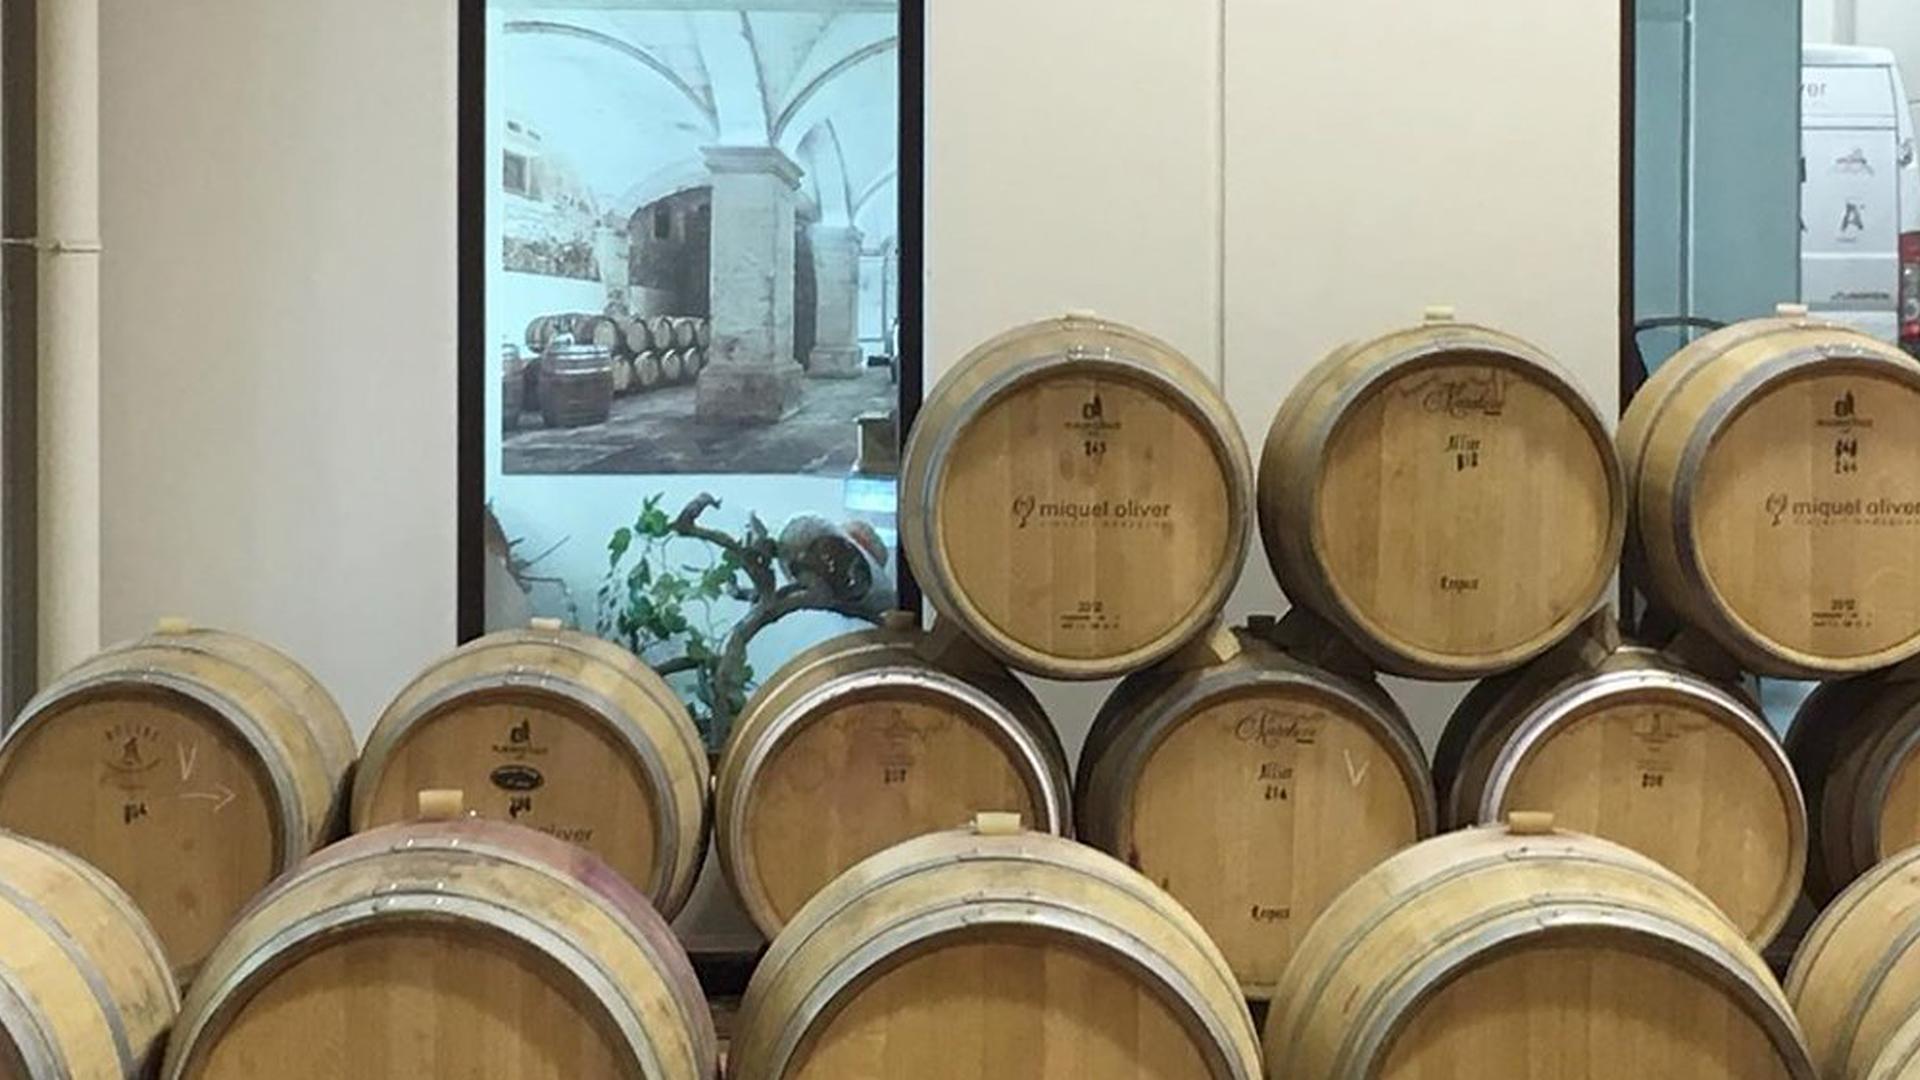 Miquel Oliver bodegues wine barrels